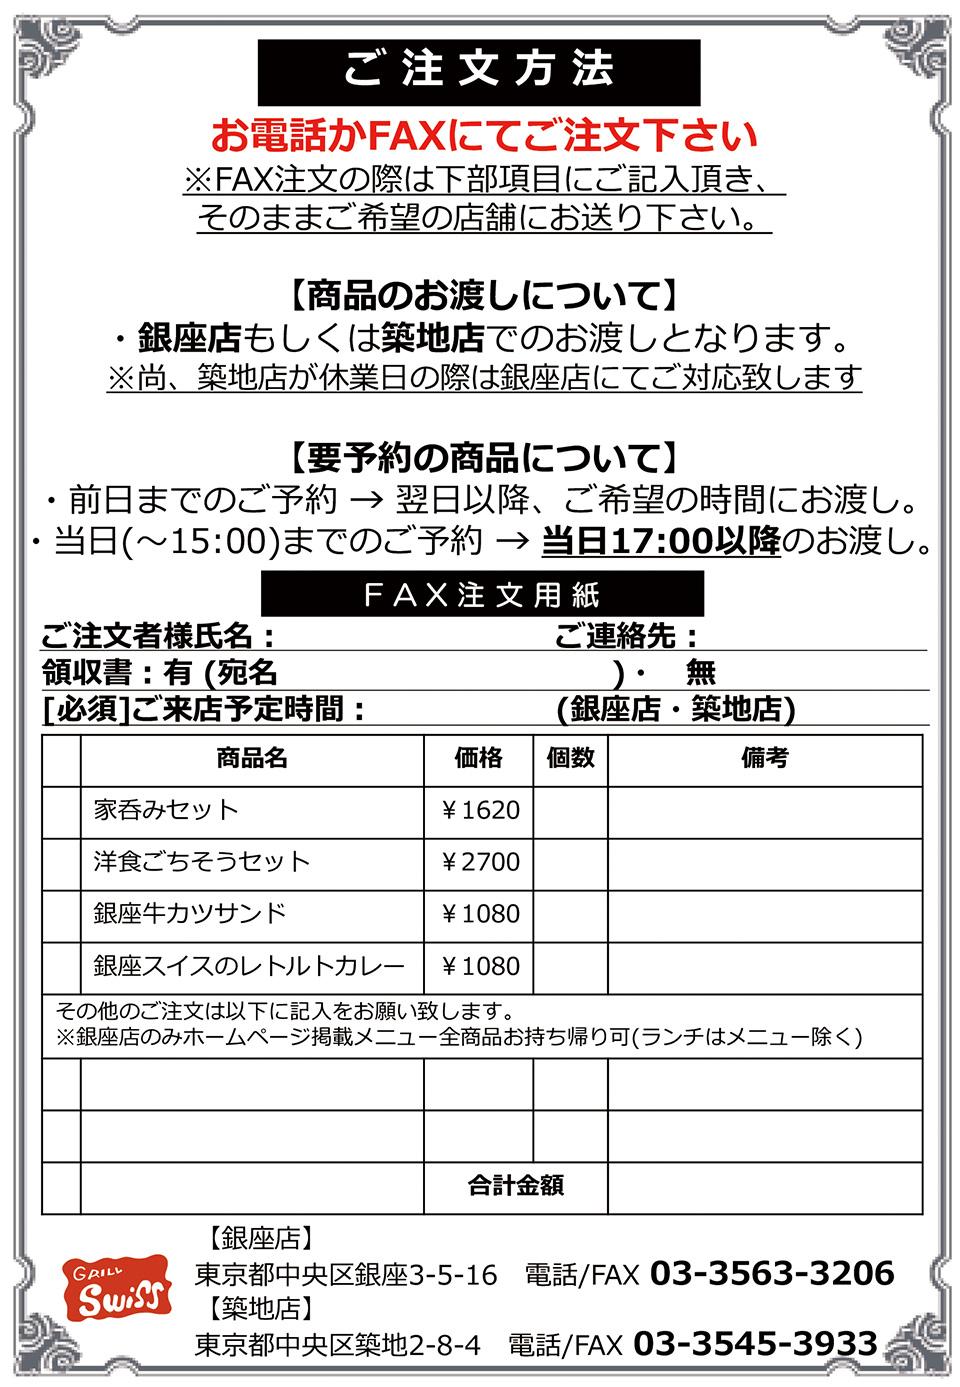 【銀座スイス】テイクアウトお弁当チラシ20200420-2